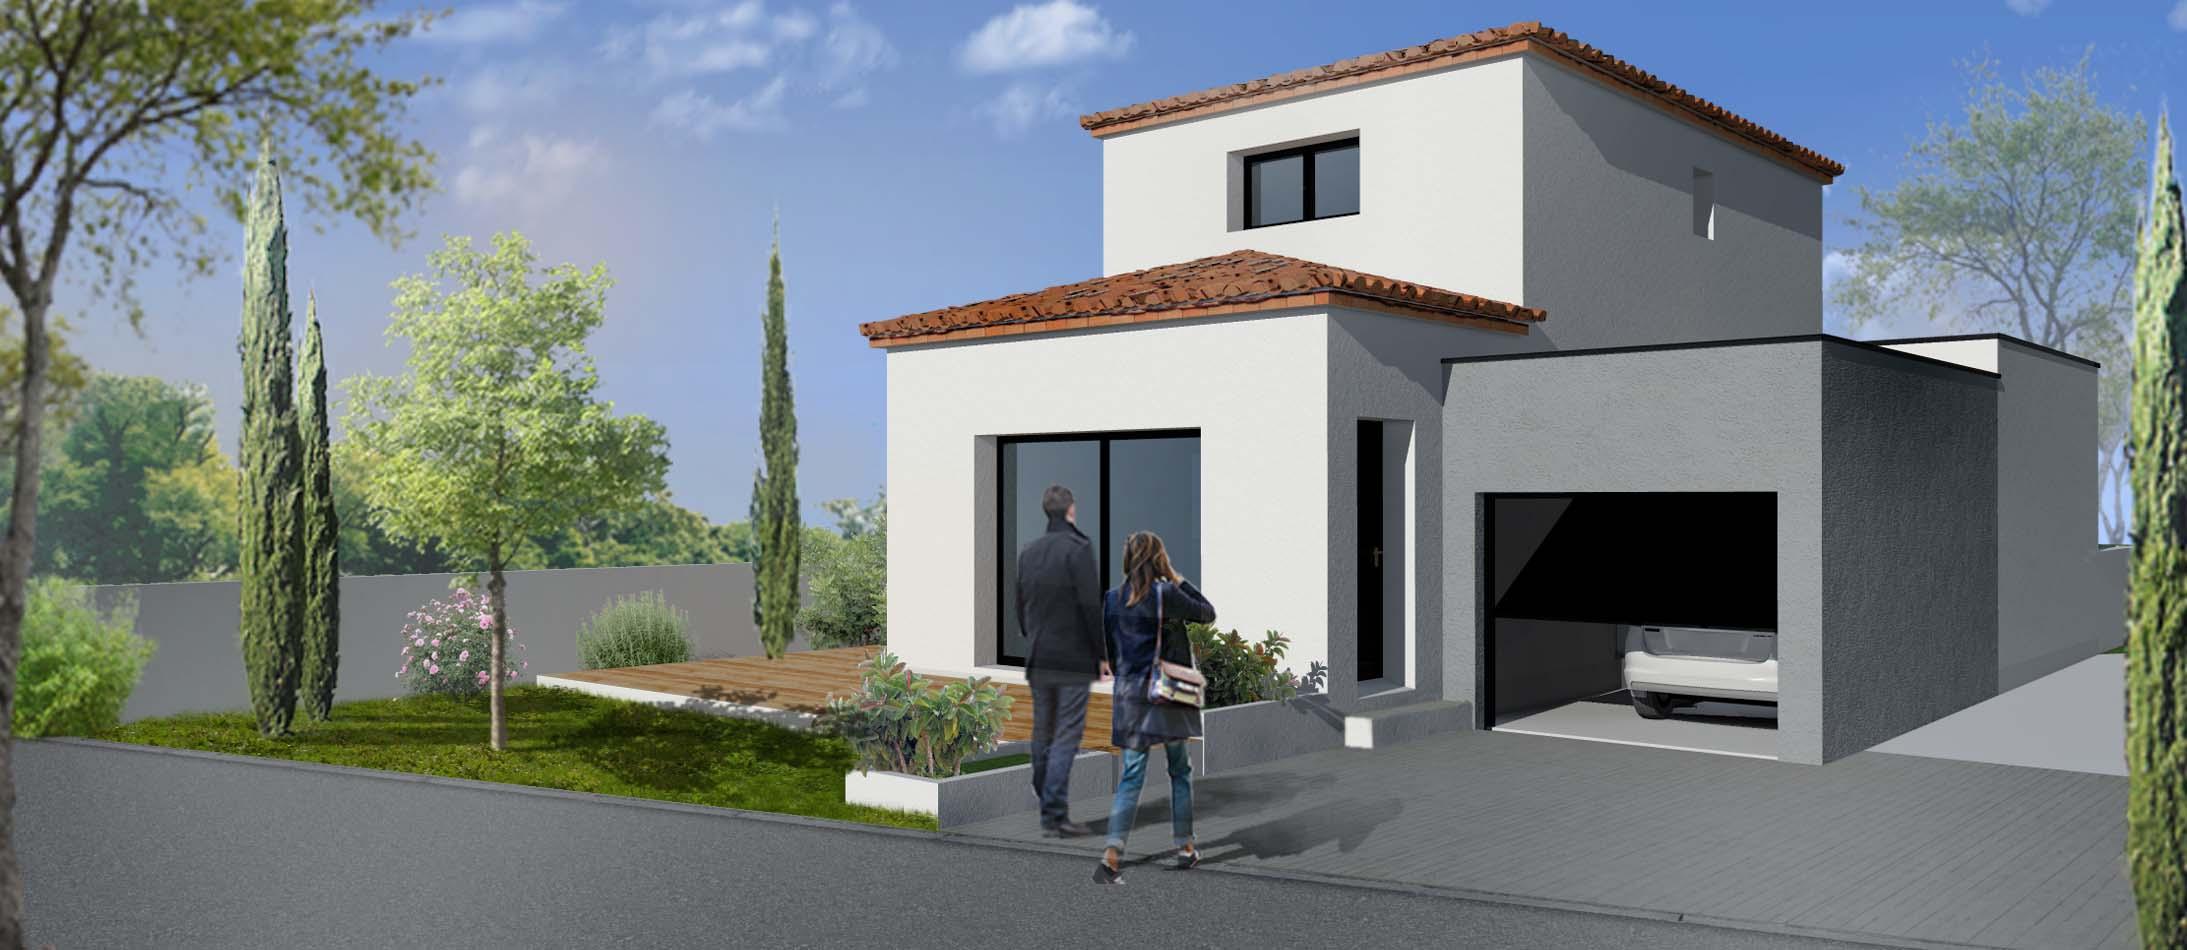 Maisons du constructeur MAISONS BOIVEL • 85 m² • VENDARGUES